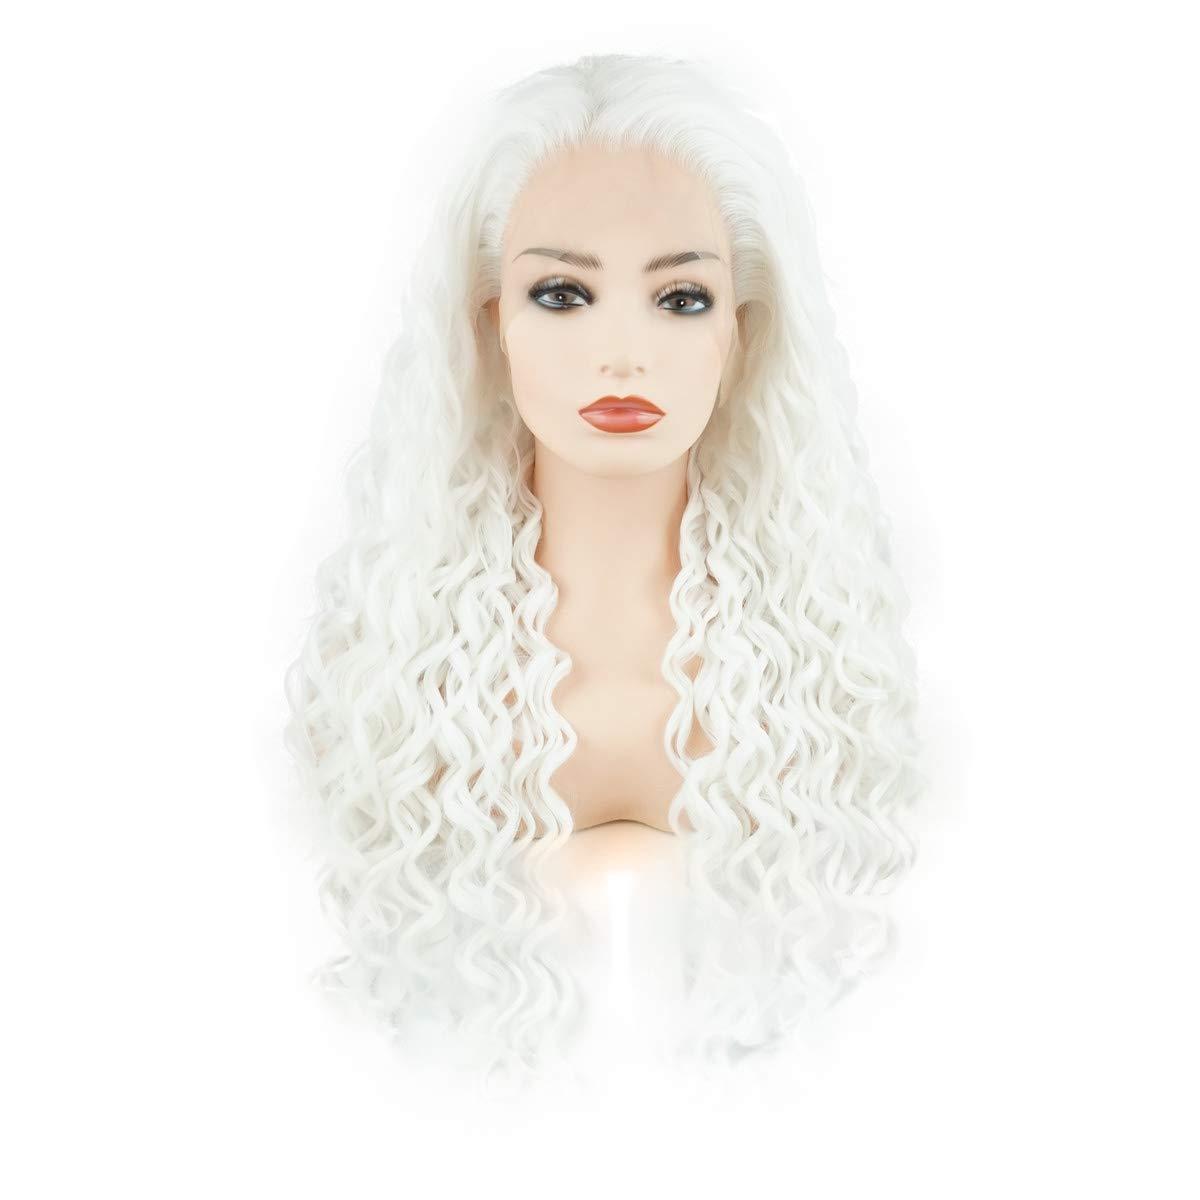 جيليون الشعر المجعد طويل 26 بوصة الأبيض الكثافة الثقيلة نصف اليد تعادل واقعية الاصطناعية الدانتيل الجبهة الباروكات